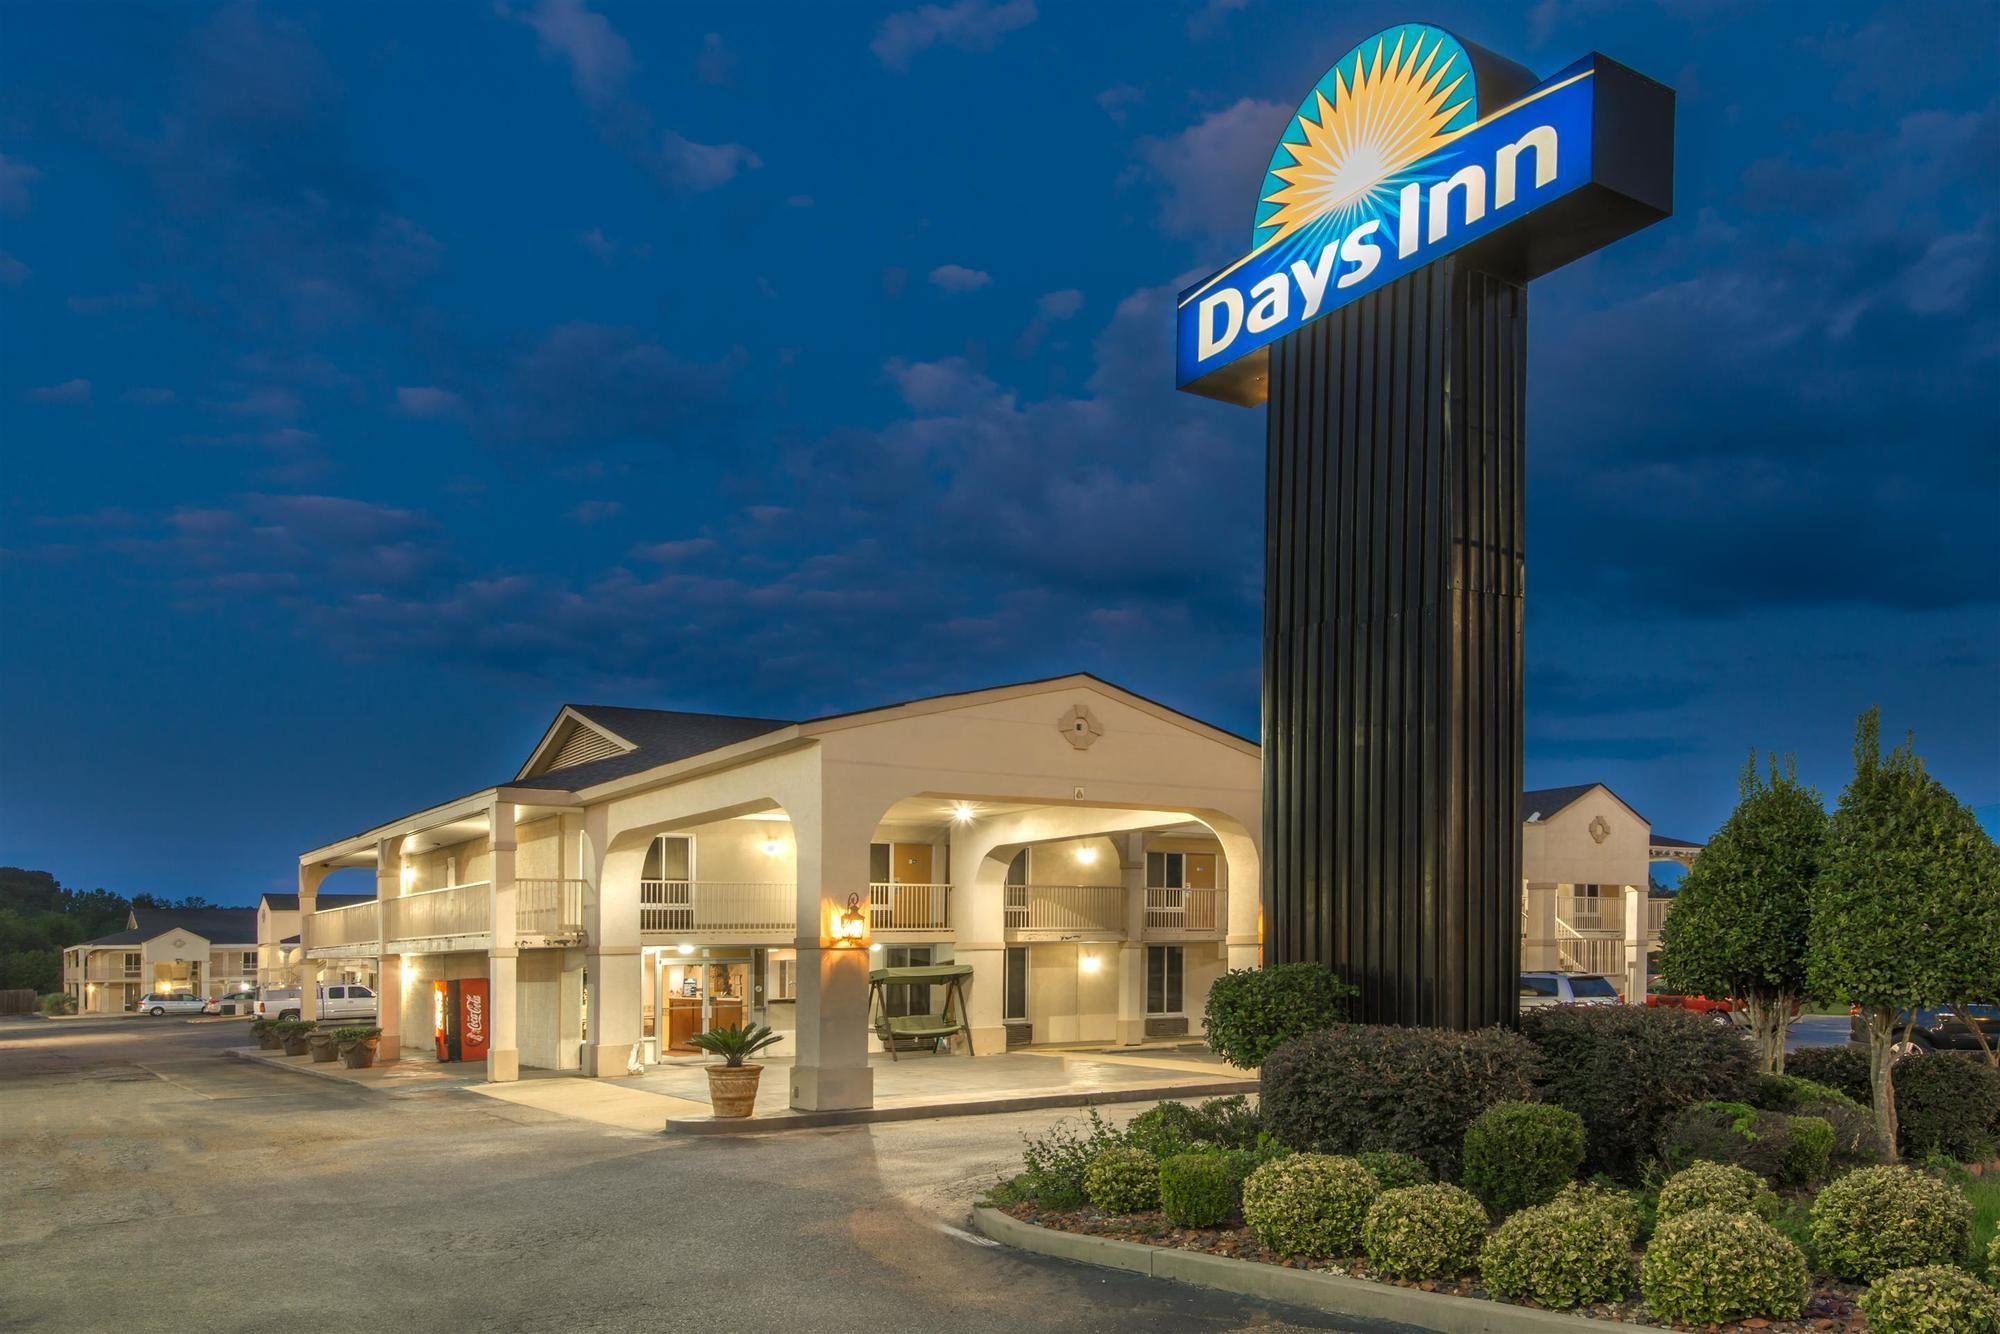 Days Inn Shorter in Shorter, AL